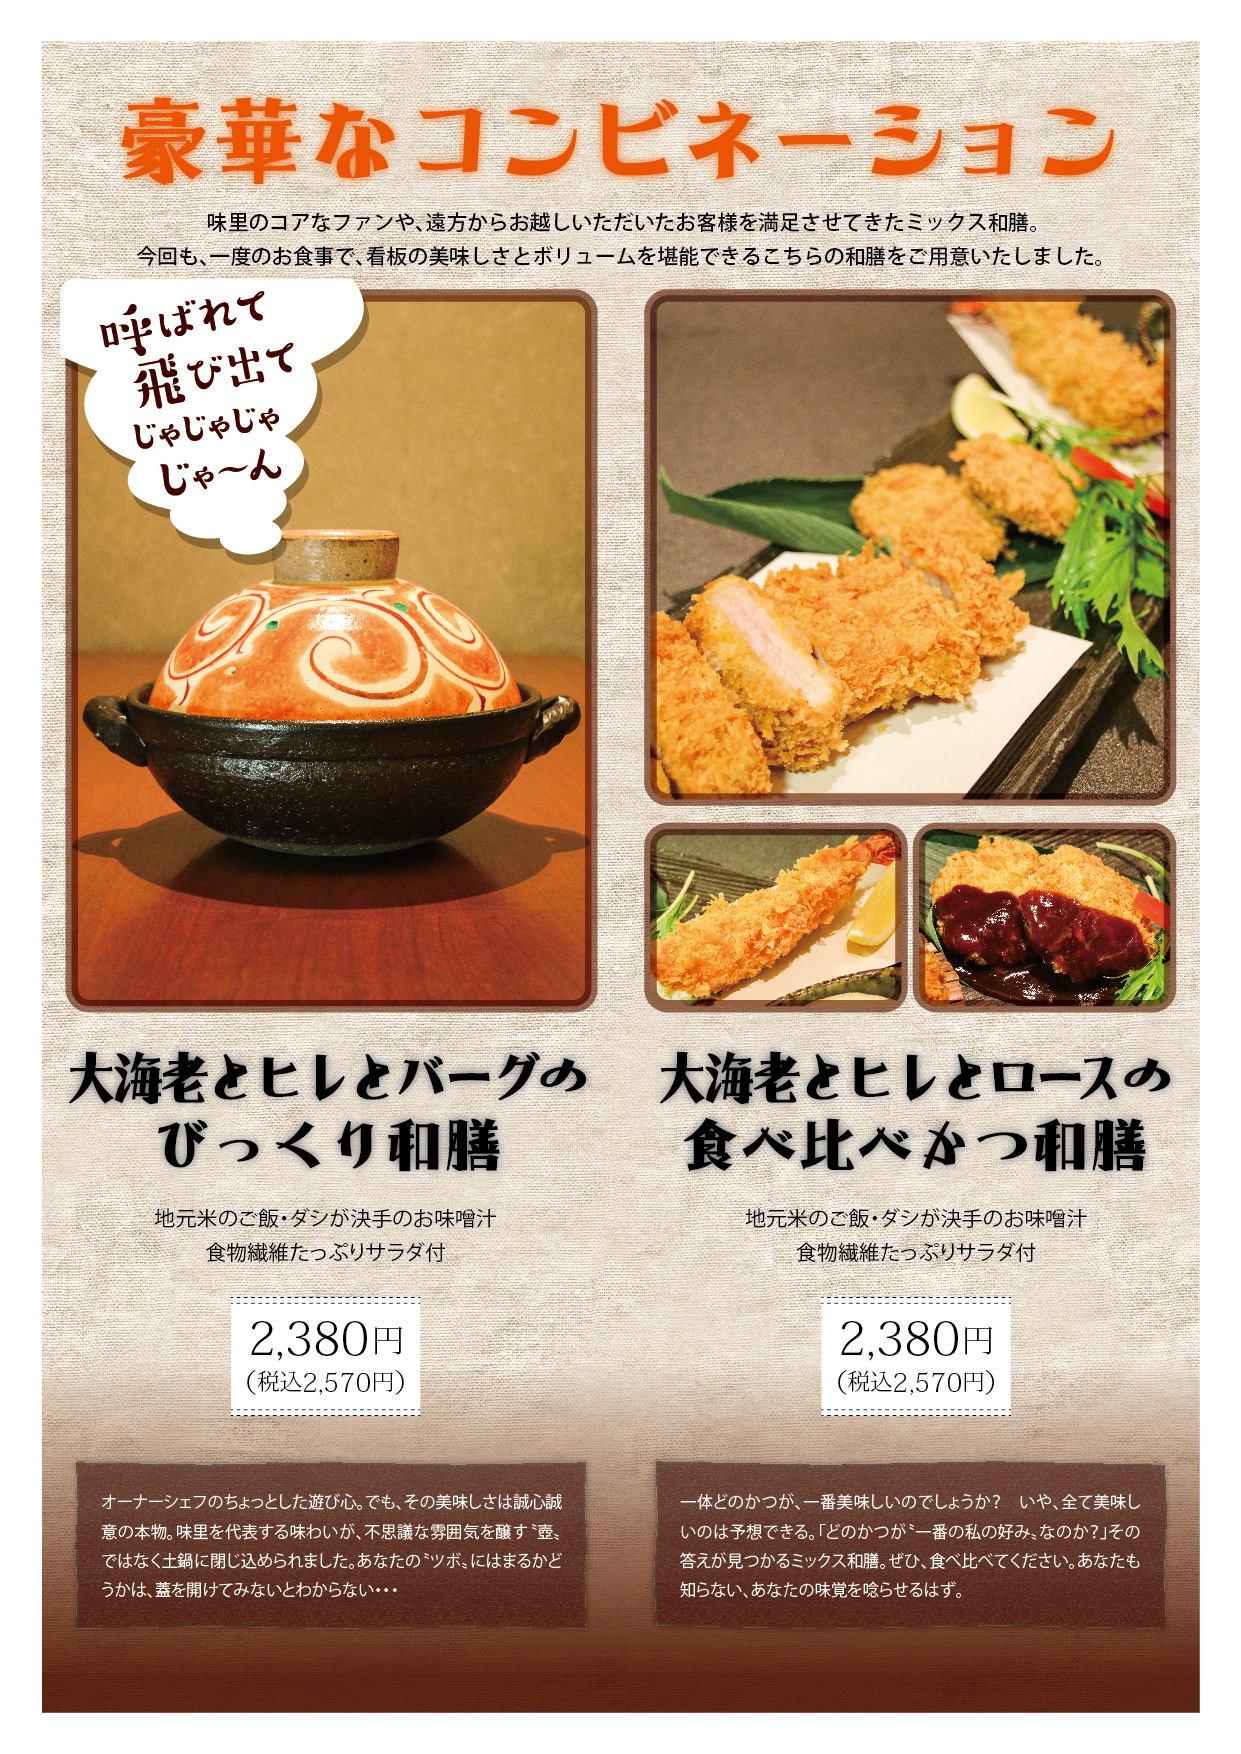 とんかつ味里 飲食店ディナーメニューデザイン10